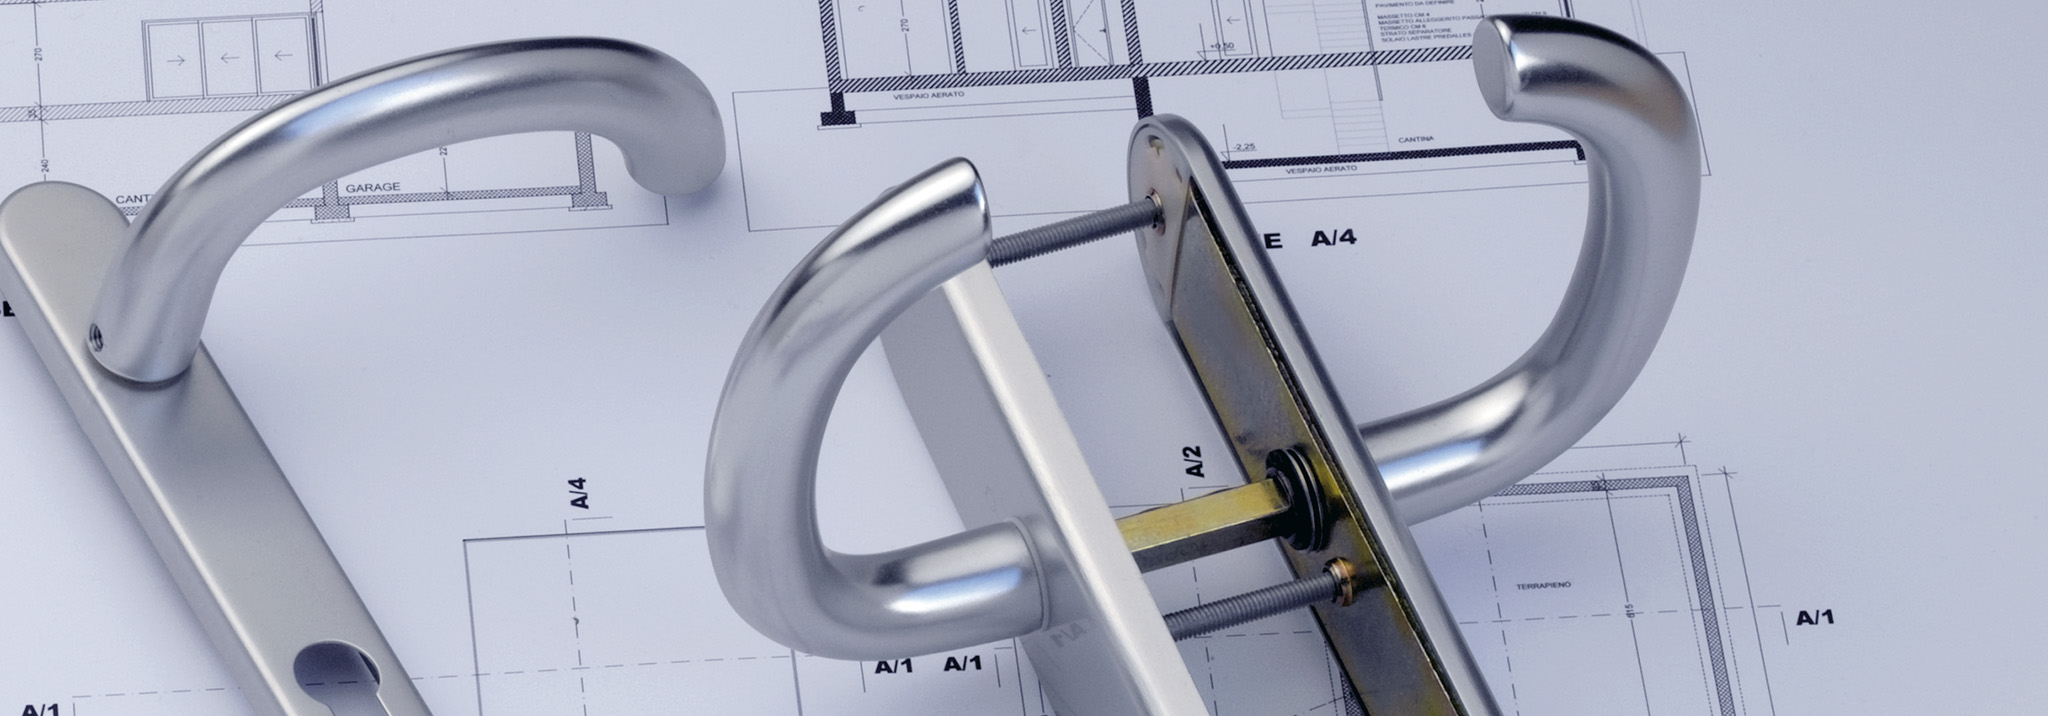 DIN EN 1125 для дверных запорных устройств «Антипаника»